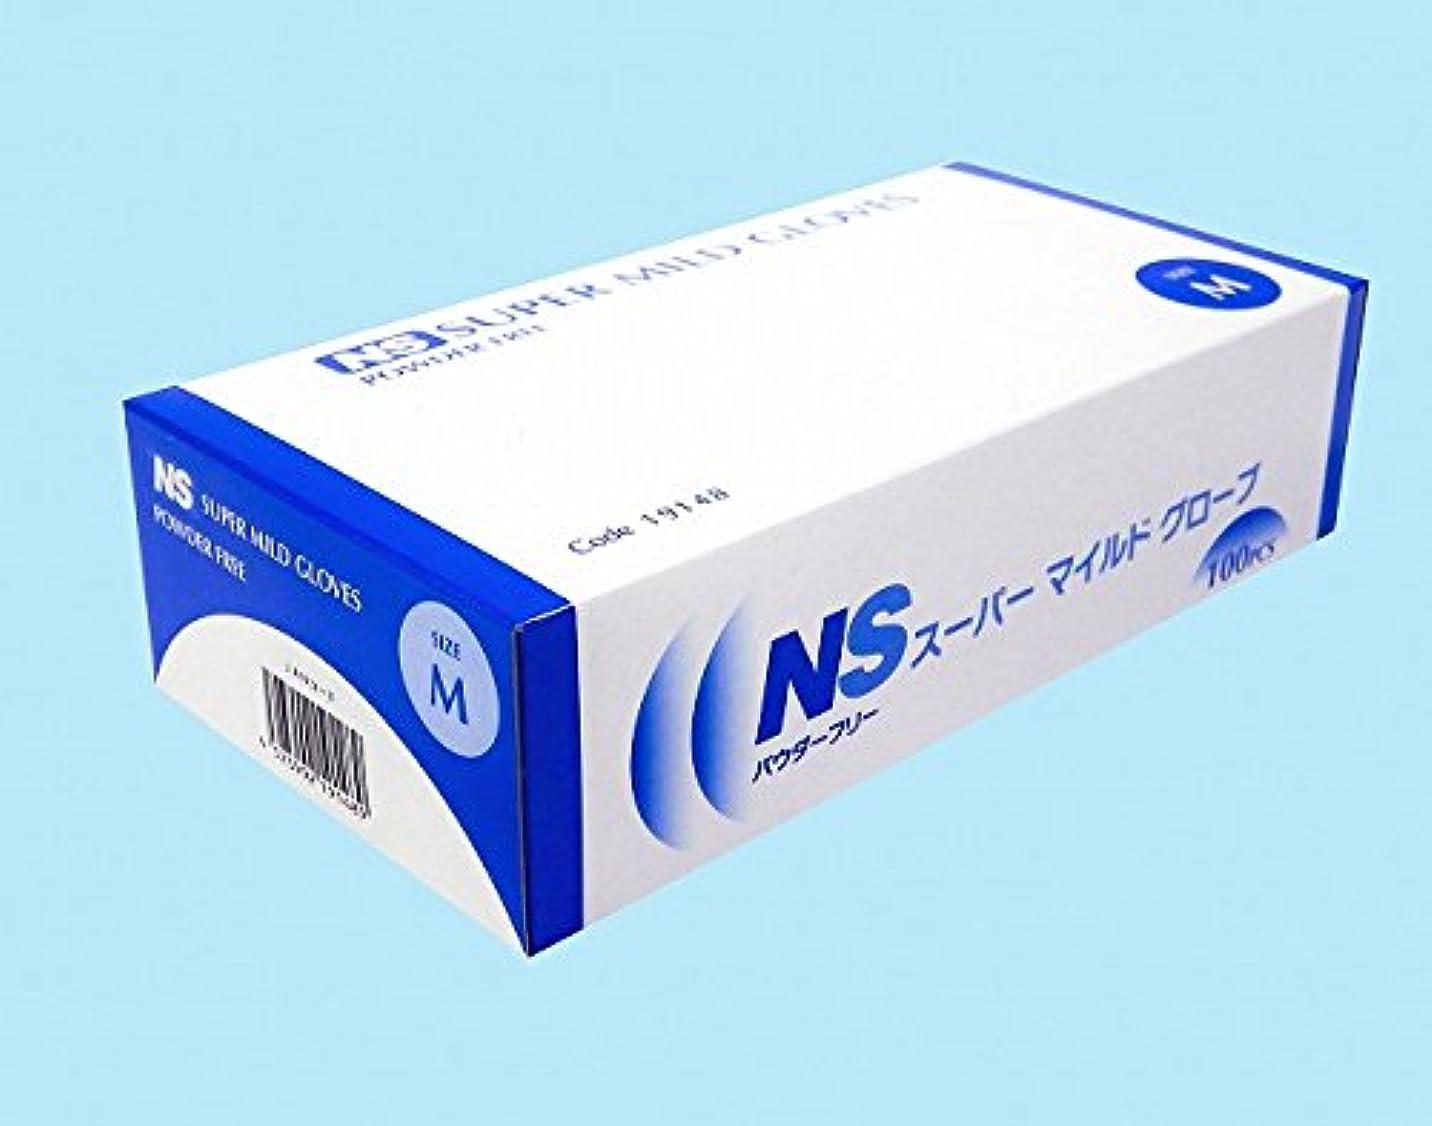 動揺させる疎外滑りやすい【日昭産業】NS スーパーマイルド プラスチック手袋 パウダーフリー M 100枚*20箱入り (ケース販売)